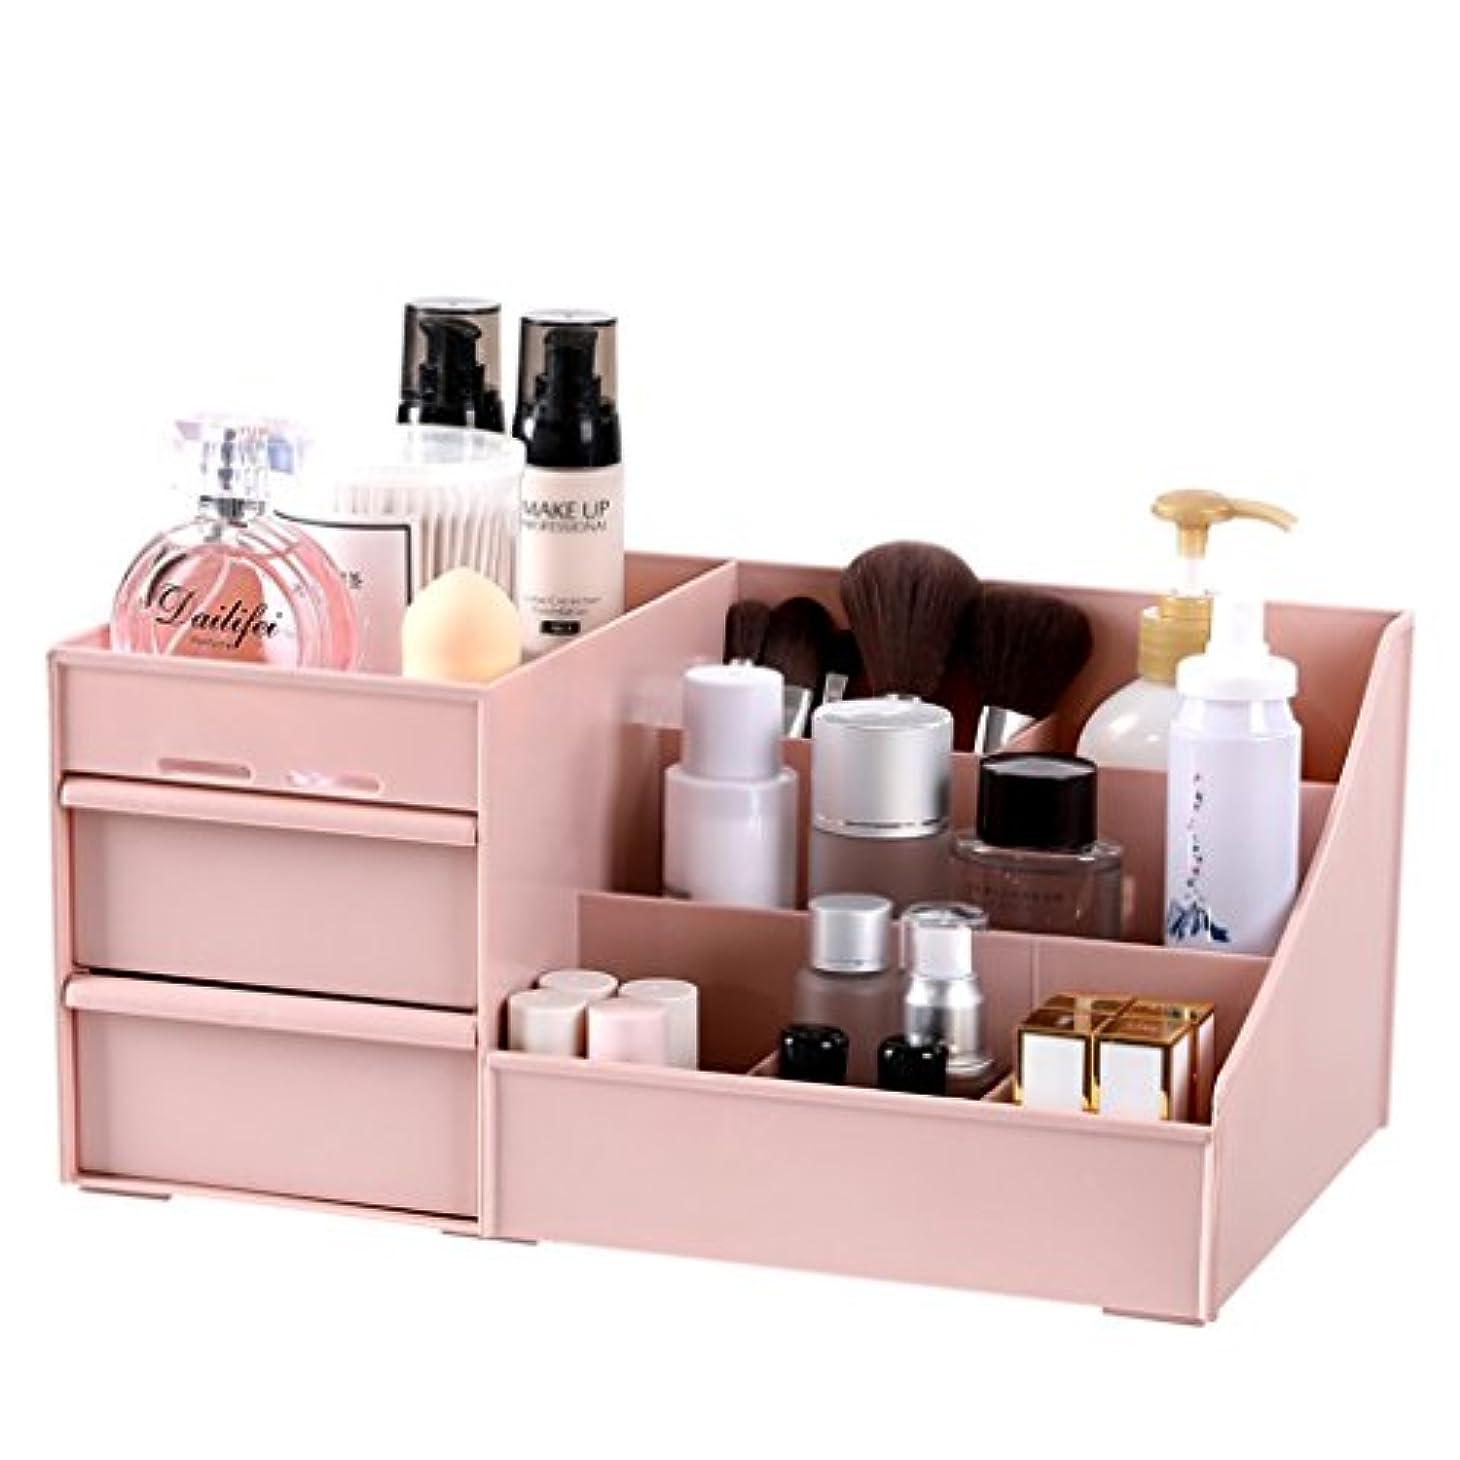 のためにダンプ先にメイクボックス 化粧品オーガナイザーアクリル化粧品ディスプレイ口紅収納ラック引き出しジュエリー収納ボックス (Color : Pink, Size : 29*17.5*13.5cm)